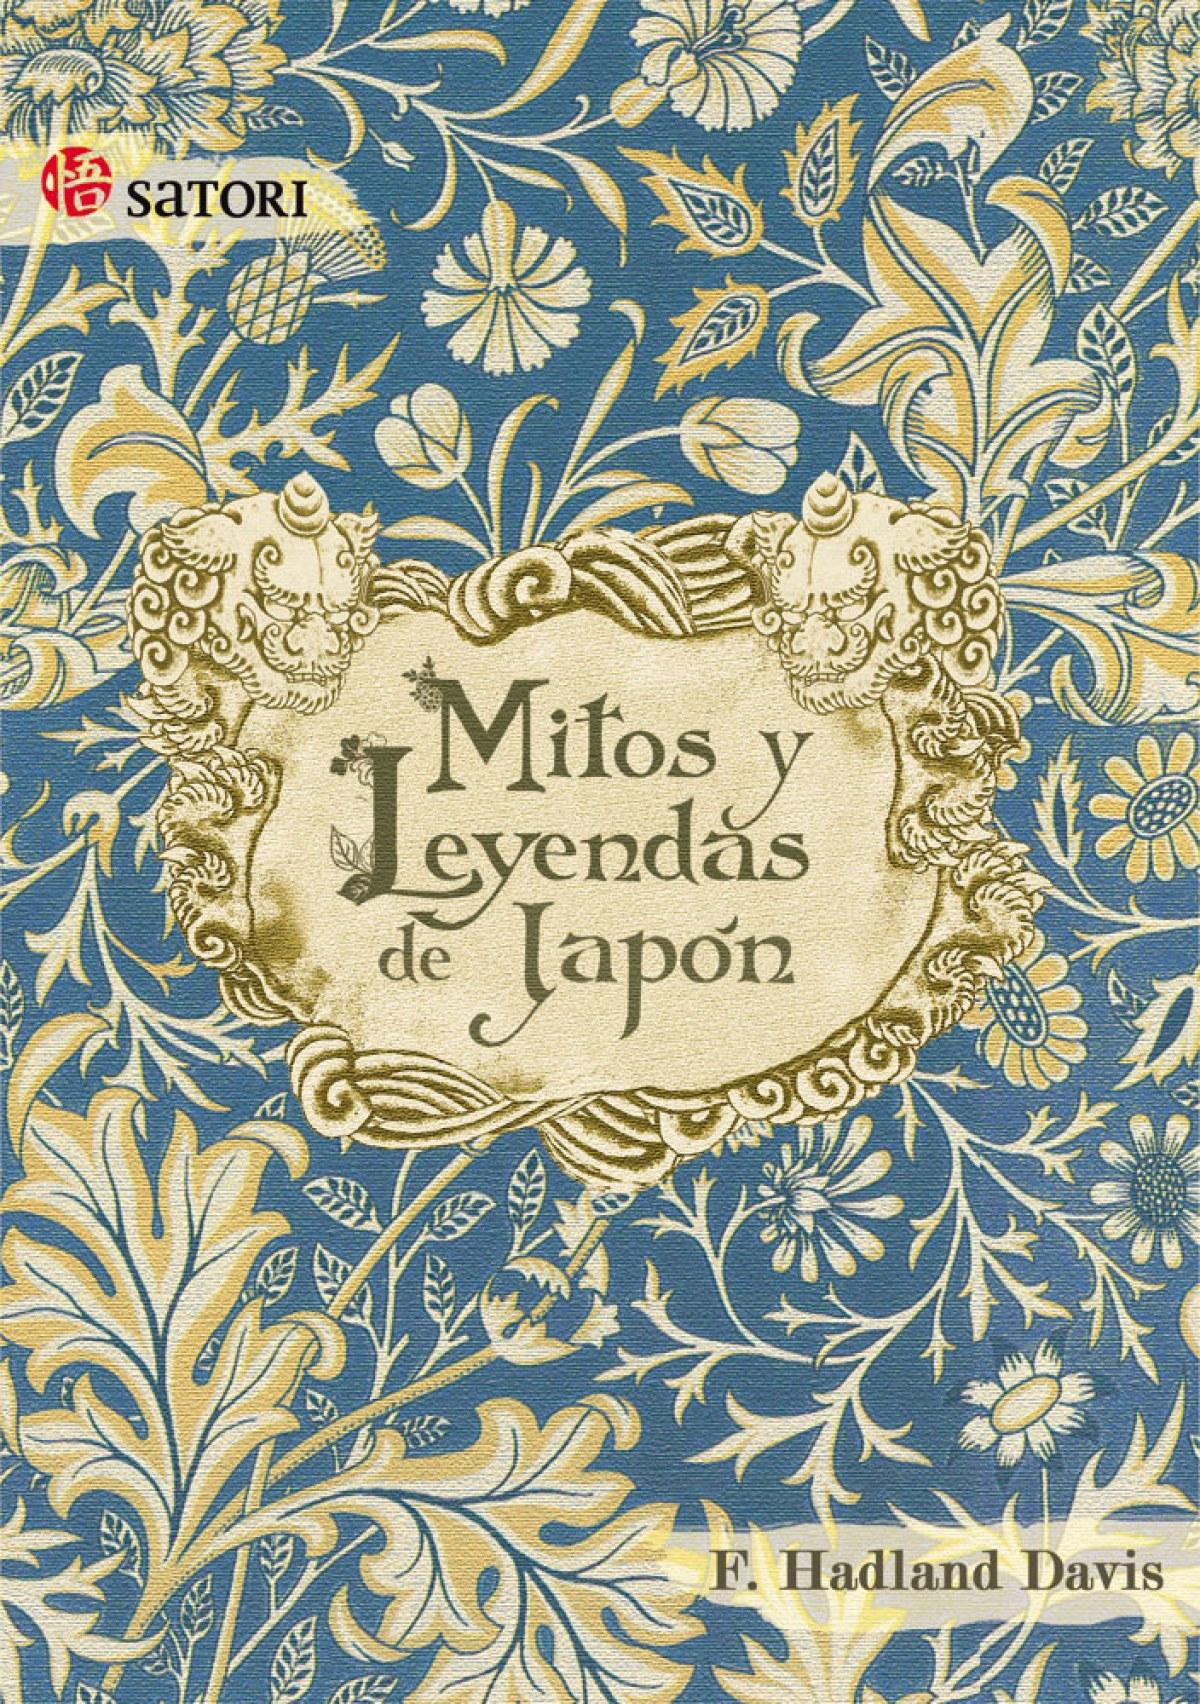 Mitos y leyendas de Japón 9788493619824